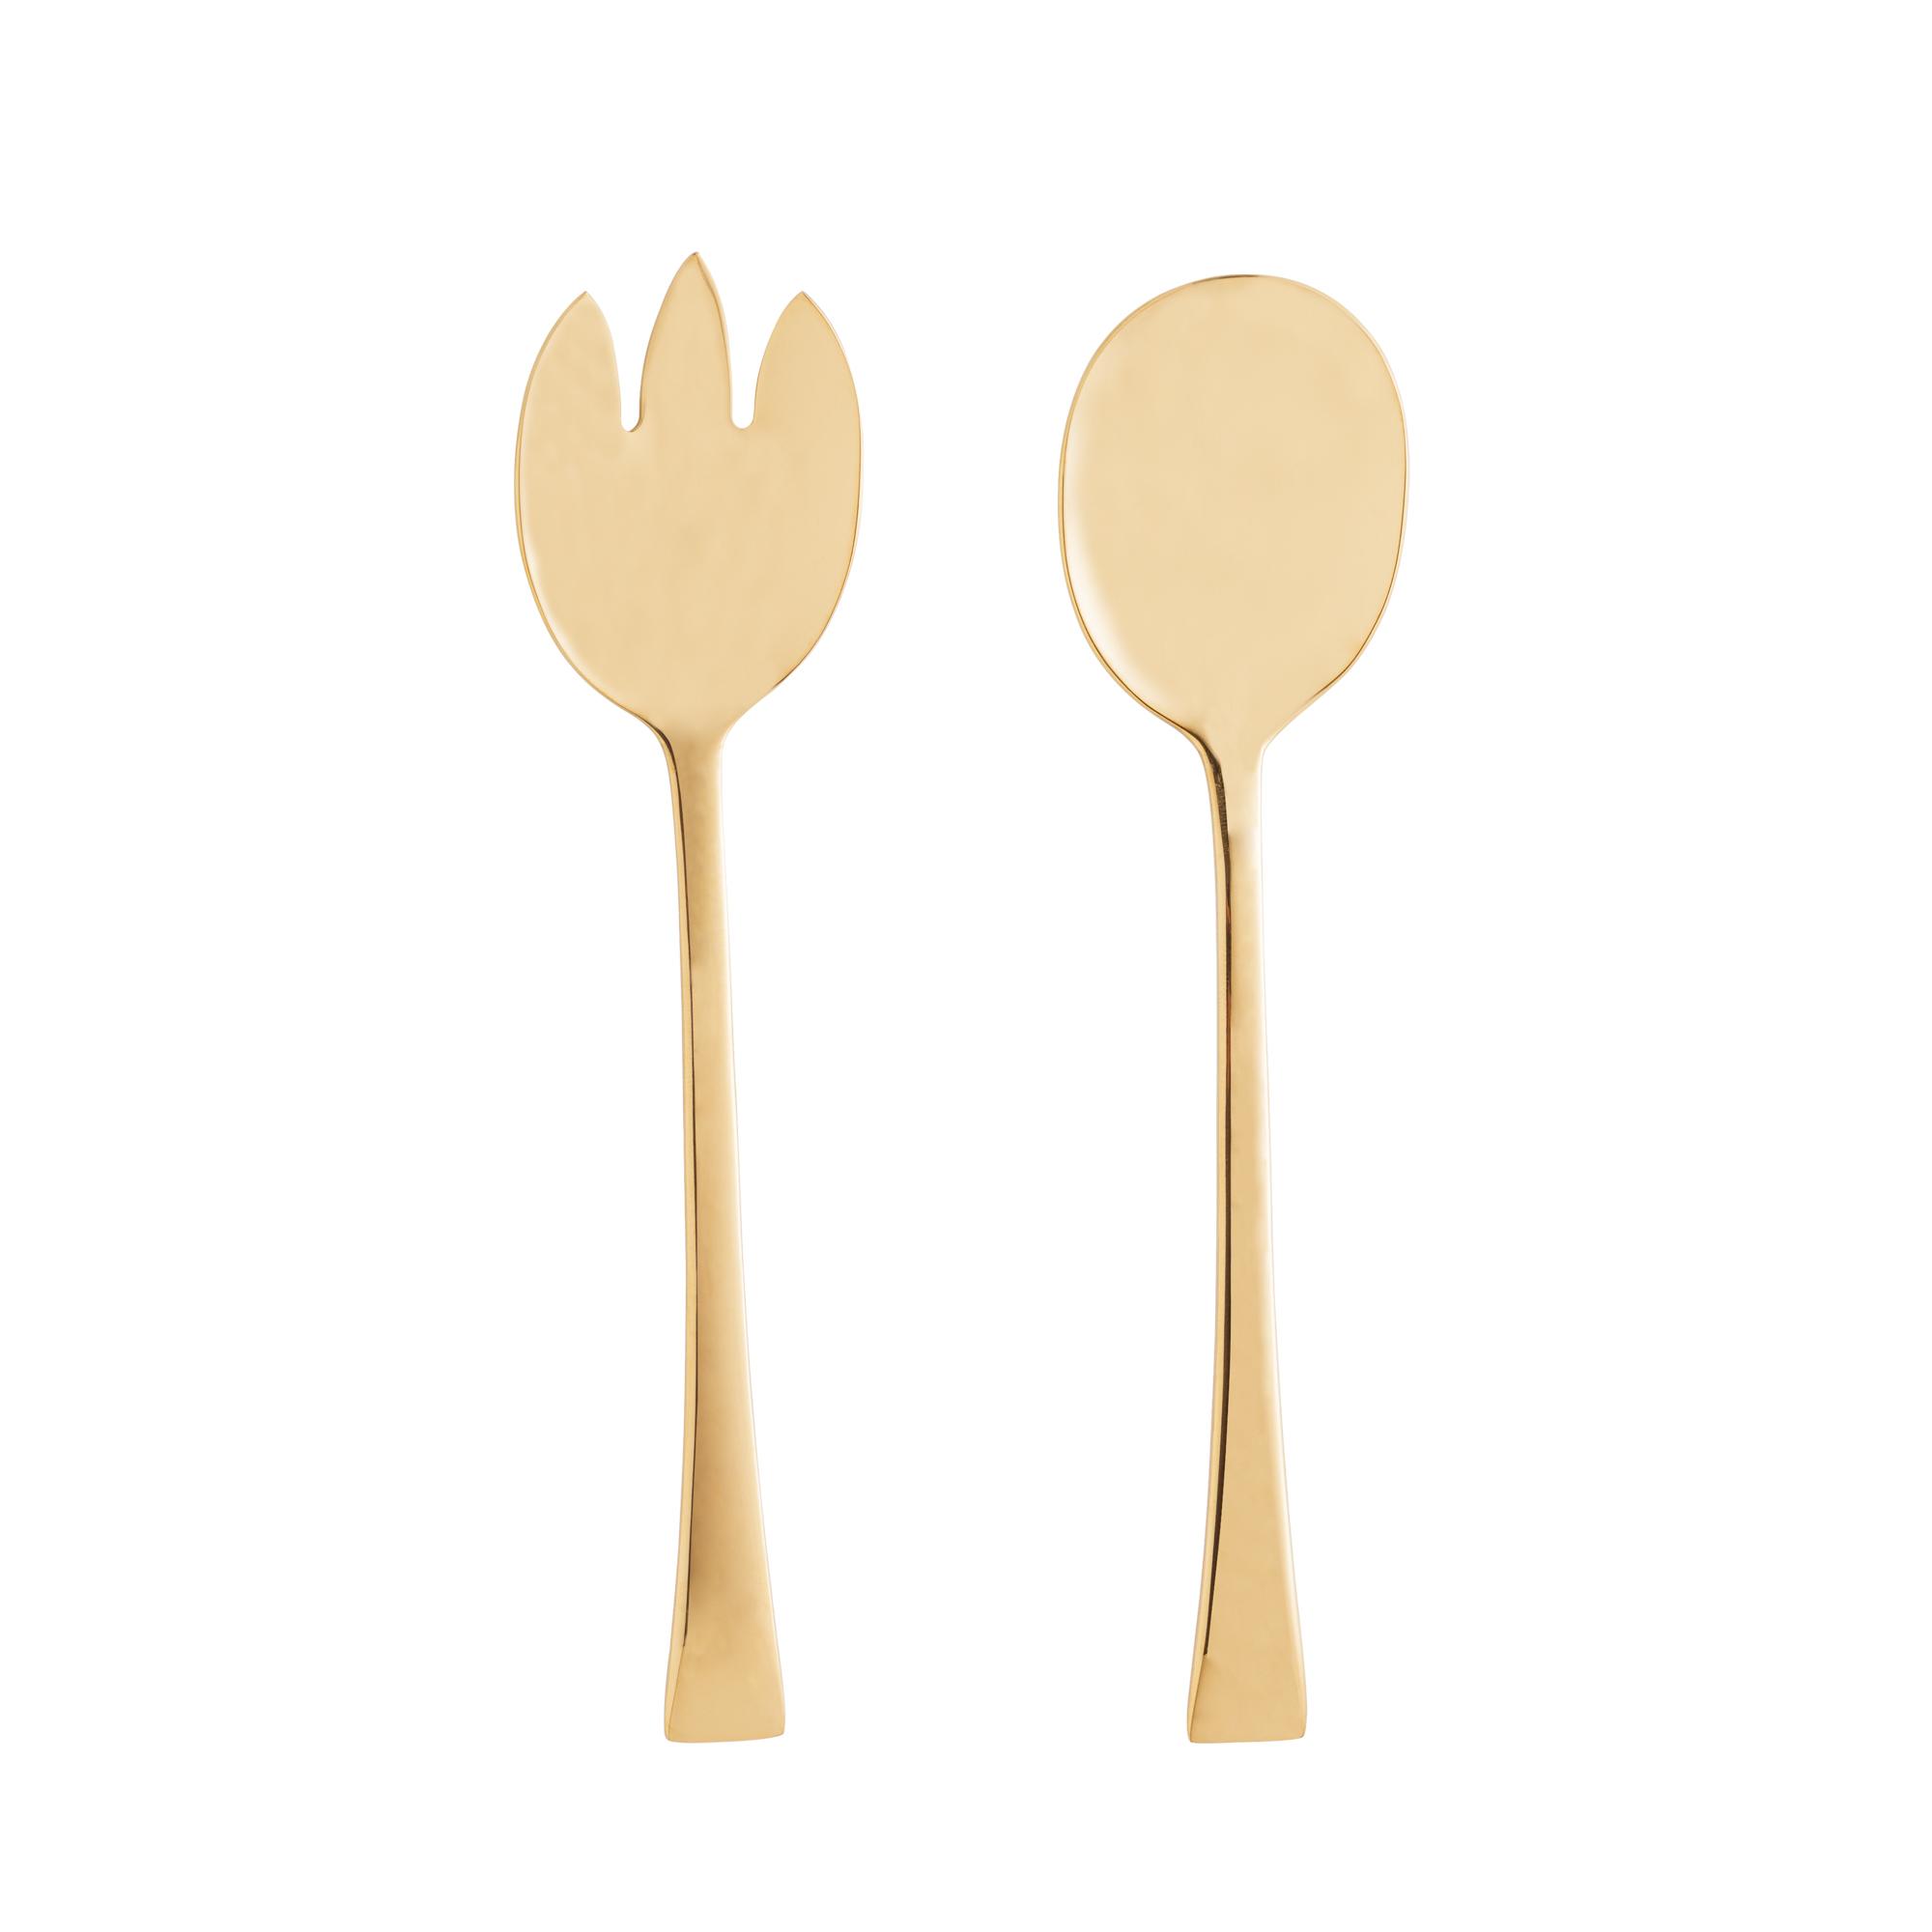 Conjunto 2pç Colher e Garfo para salada de aço inox Berna dourado Wolff - 71697